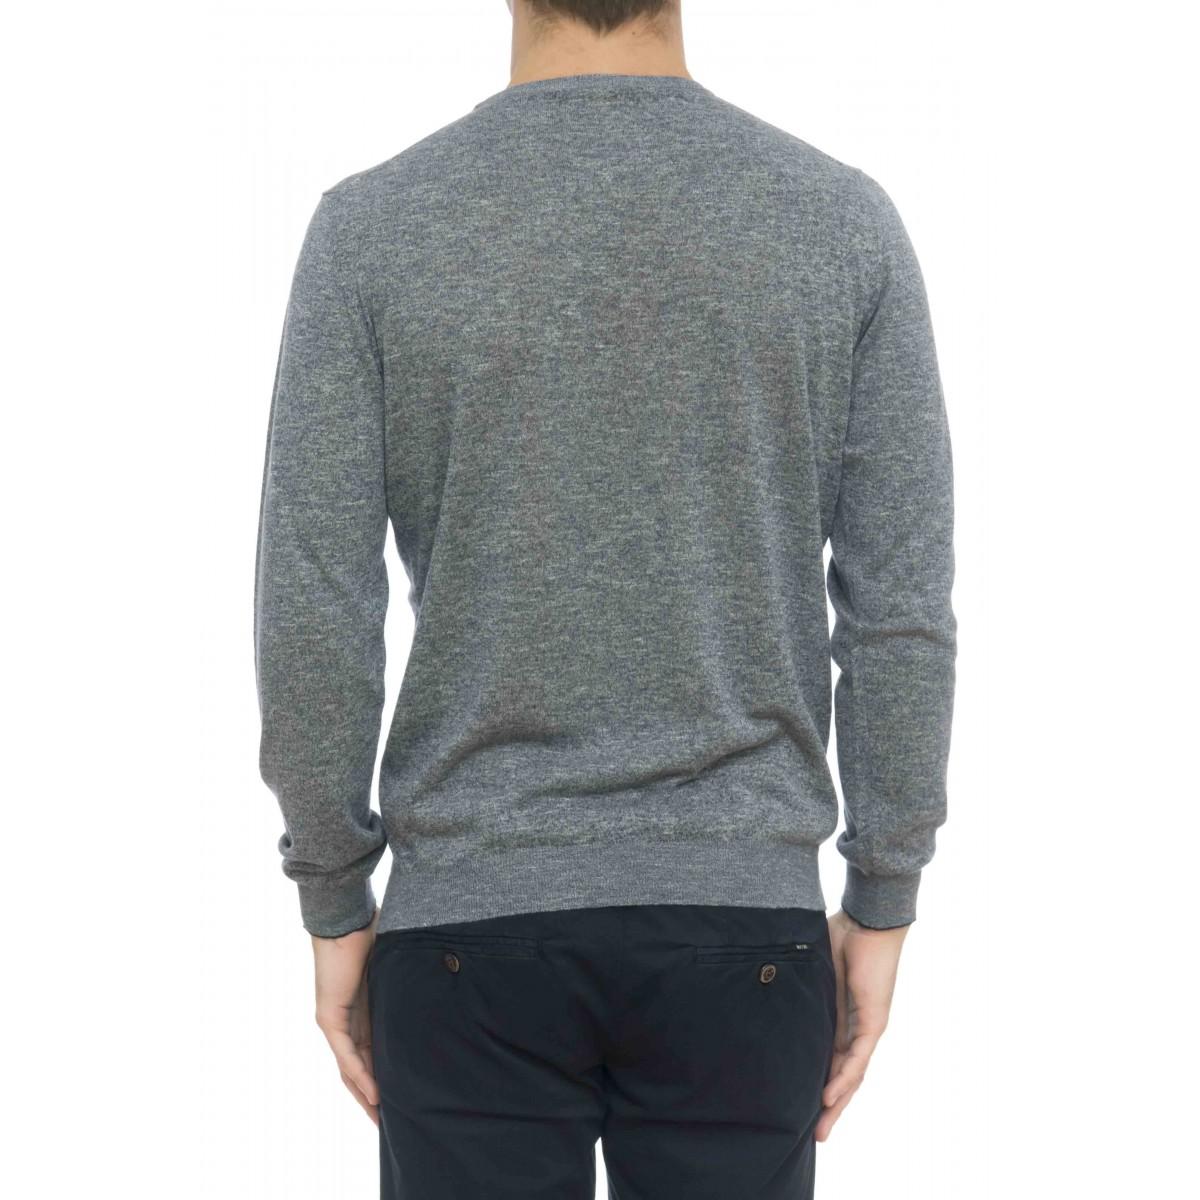 Maglia uomo - 7014/01 maglia girocollo melange